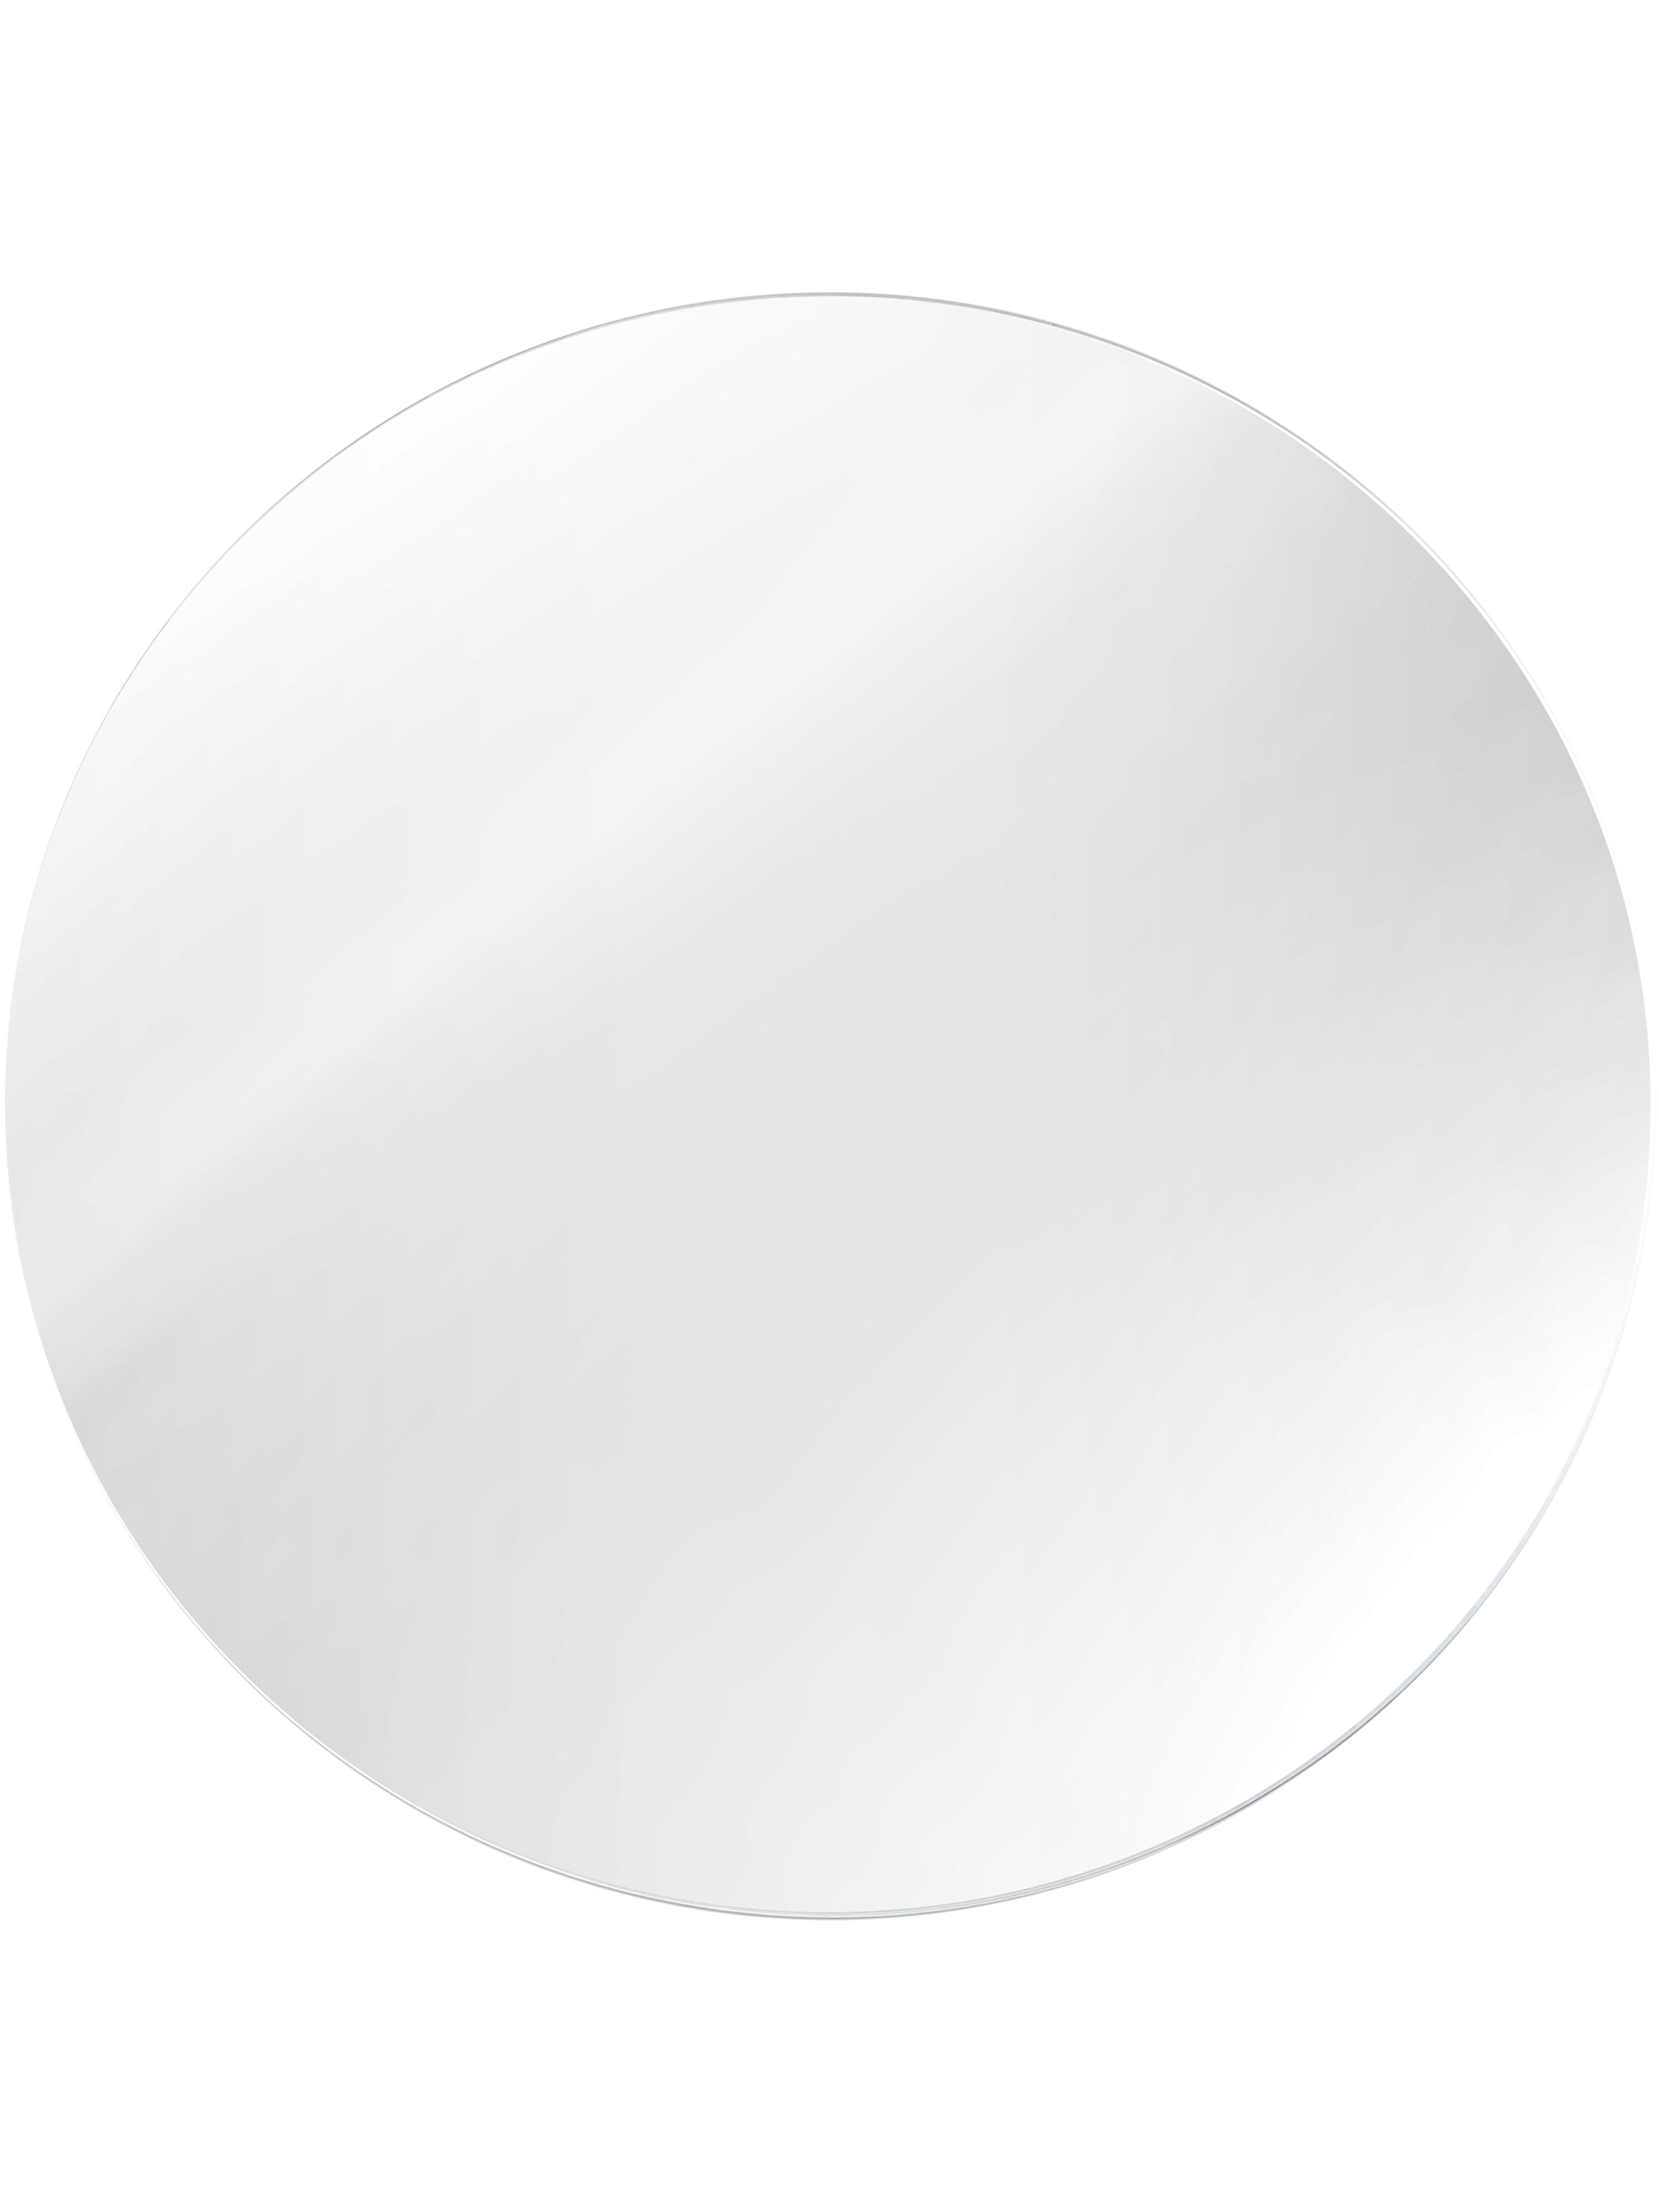 Lustro ścienne bez ramy Erin, Lustro: szkło lustrzane Zewnętrzna krawędź lustra: czarny, Ø 90 cm